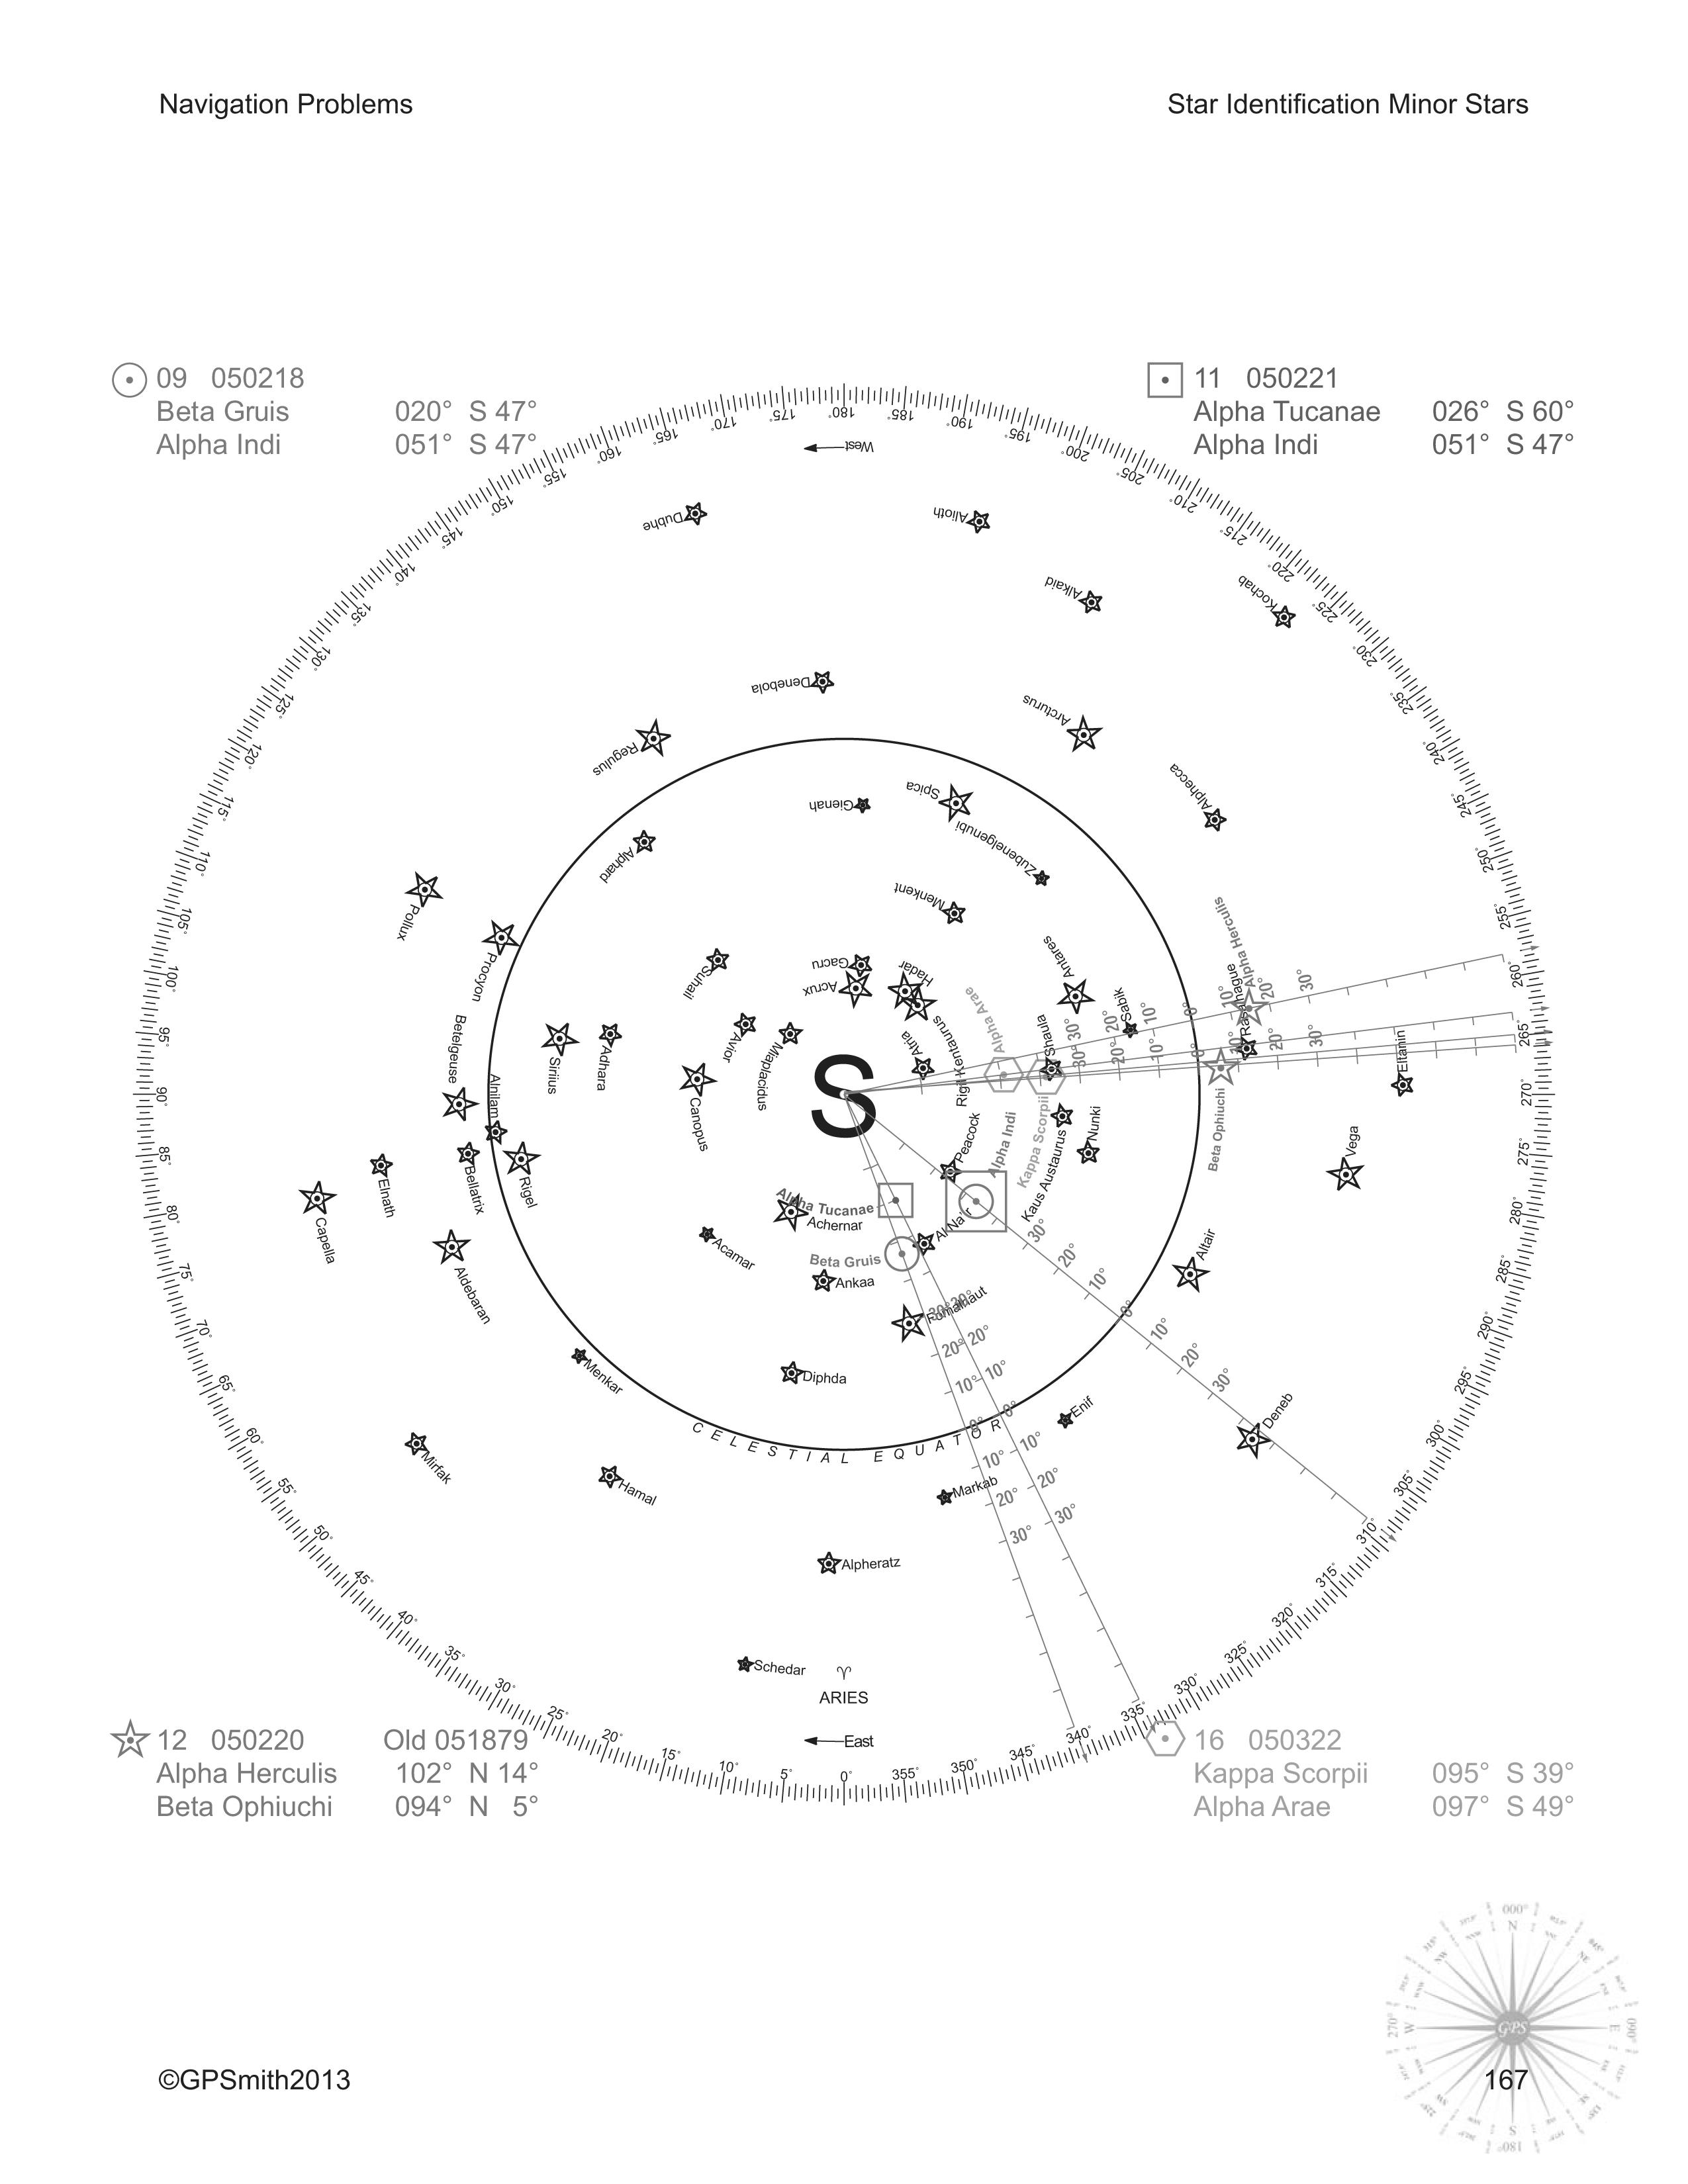 Star Identification Minor Stars 2